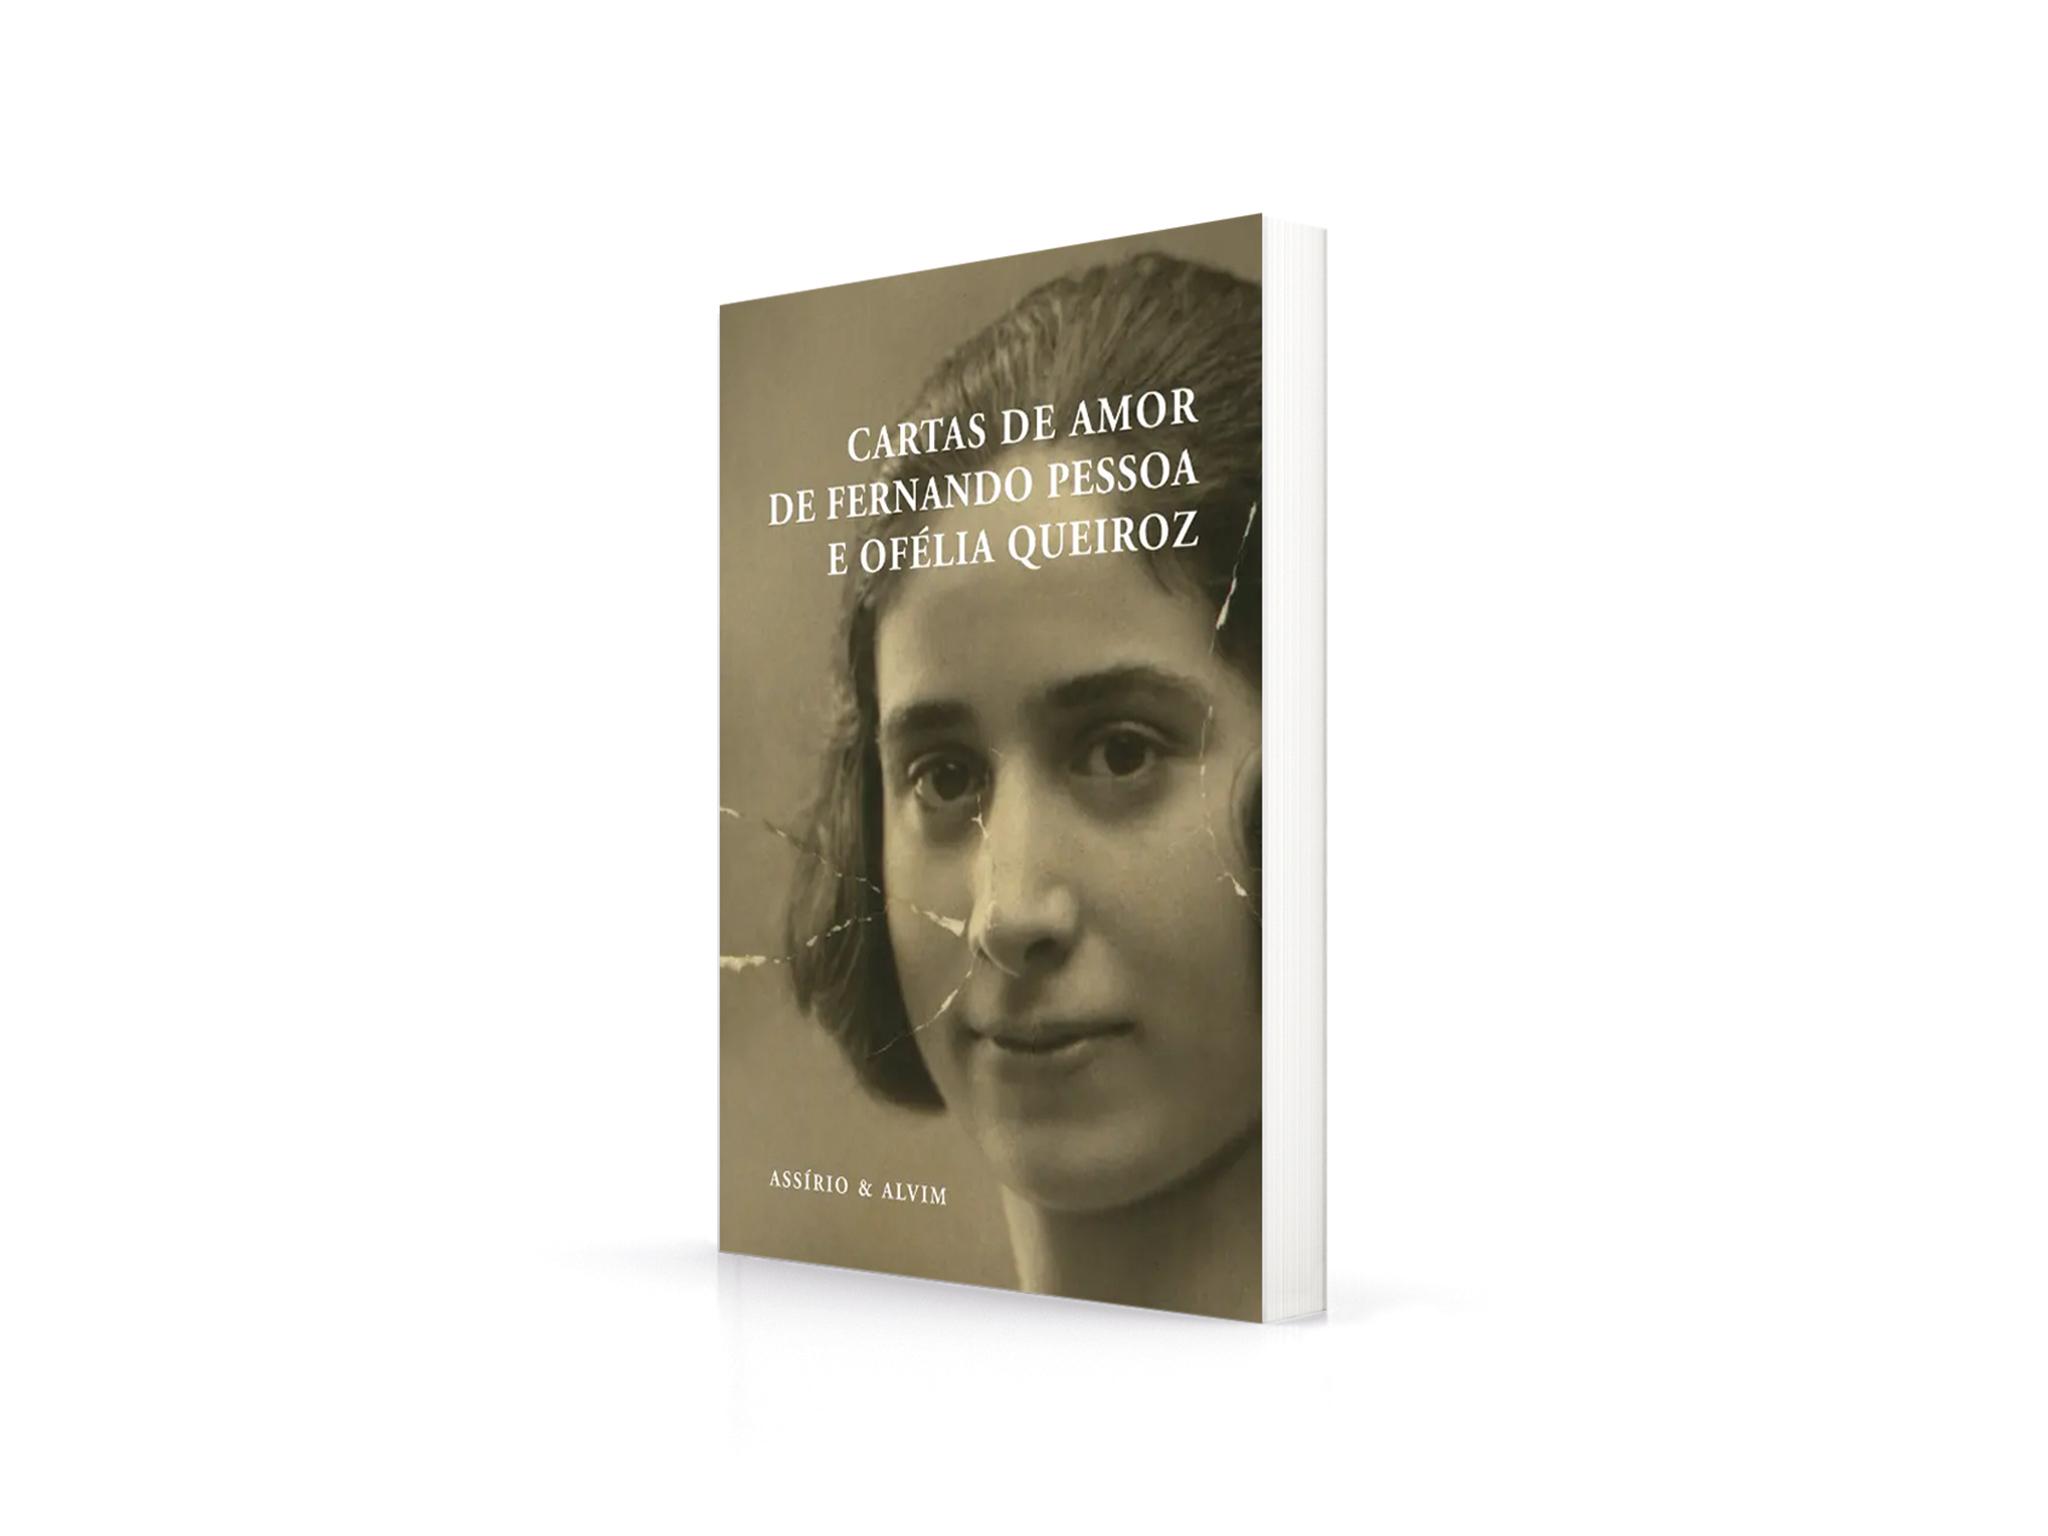 Livro, Cartas de Amor de Fernando Pessoa e Ofélia Queiroz